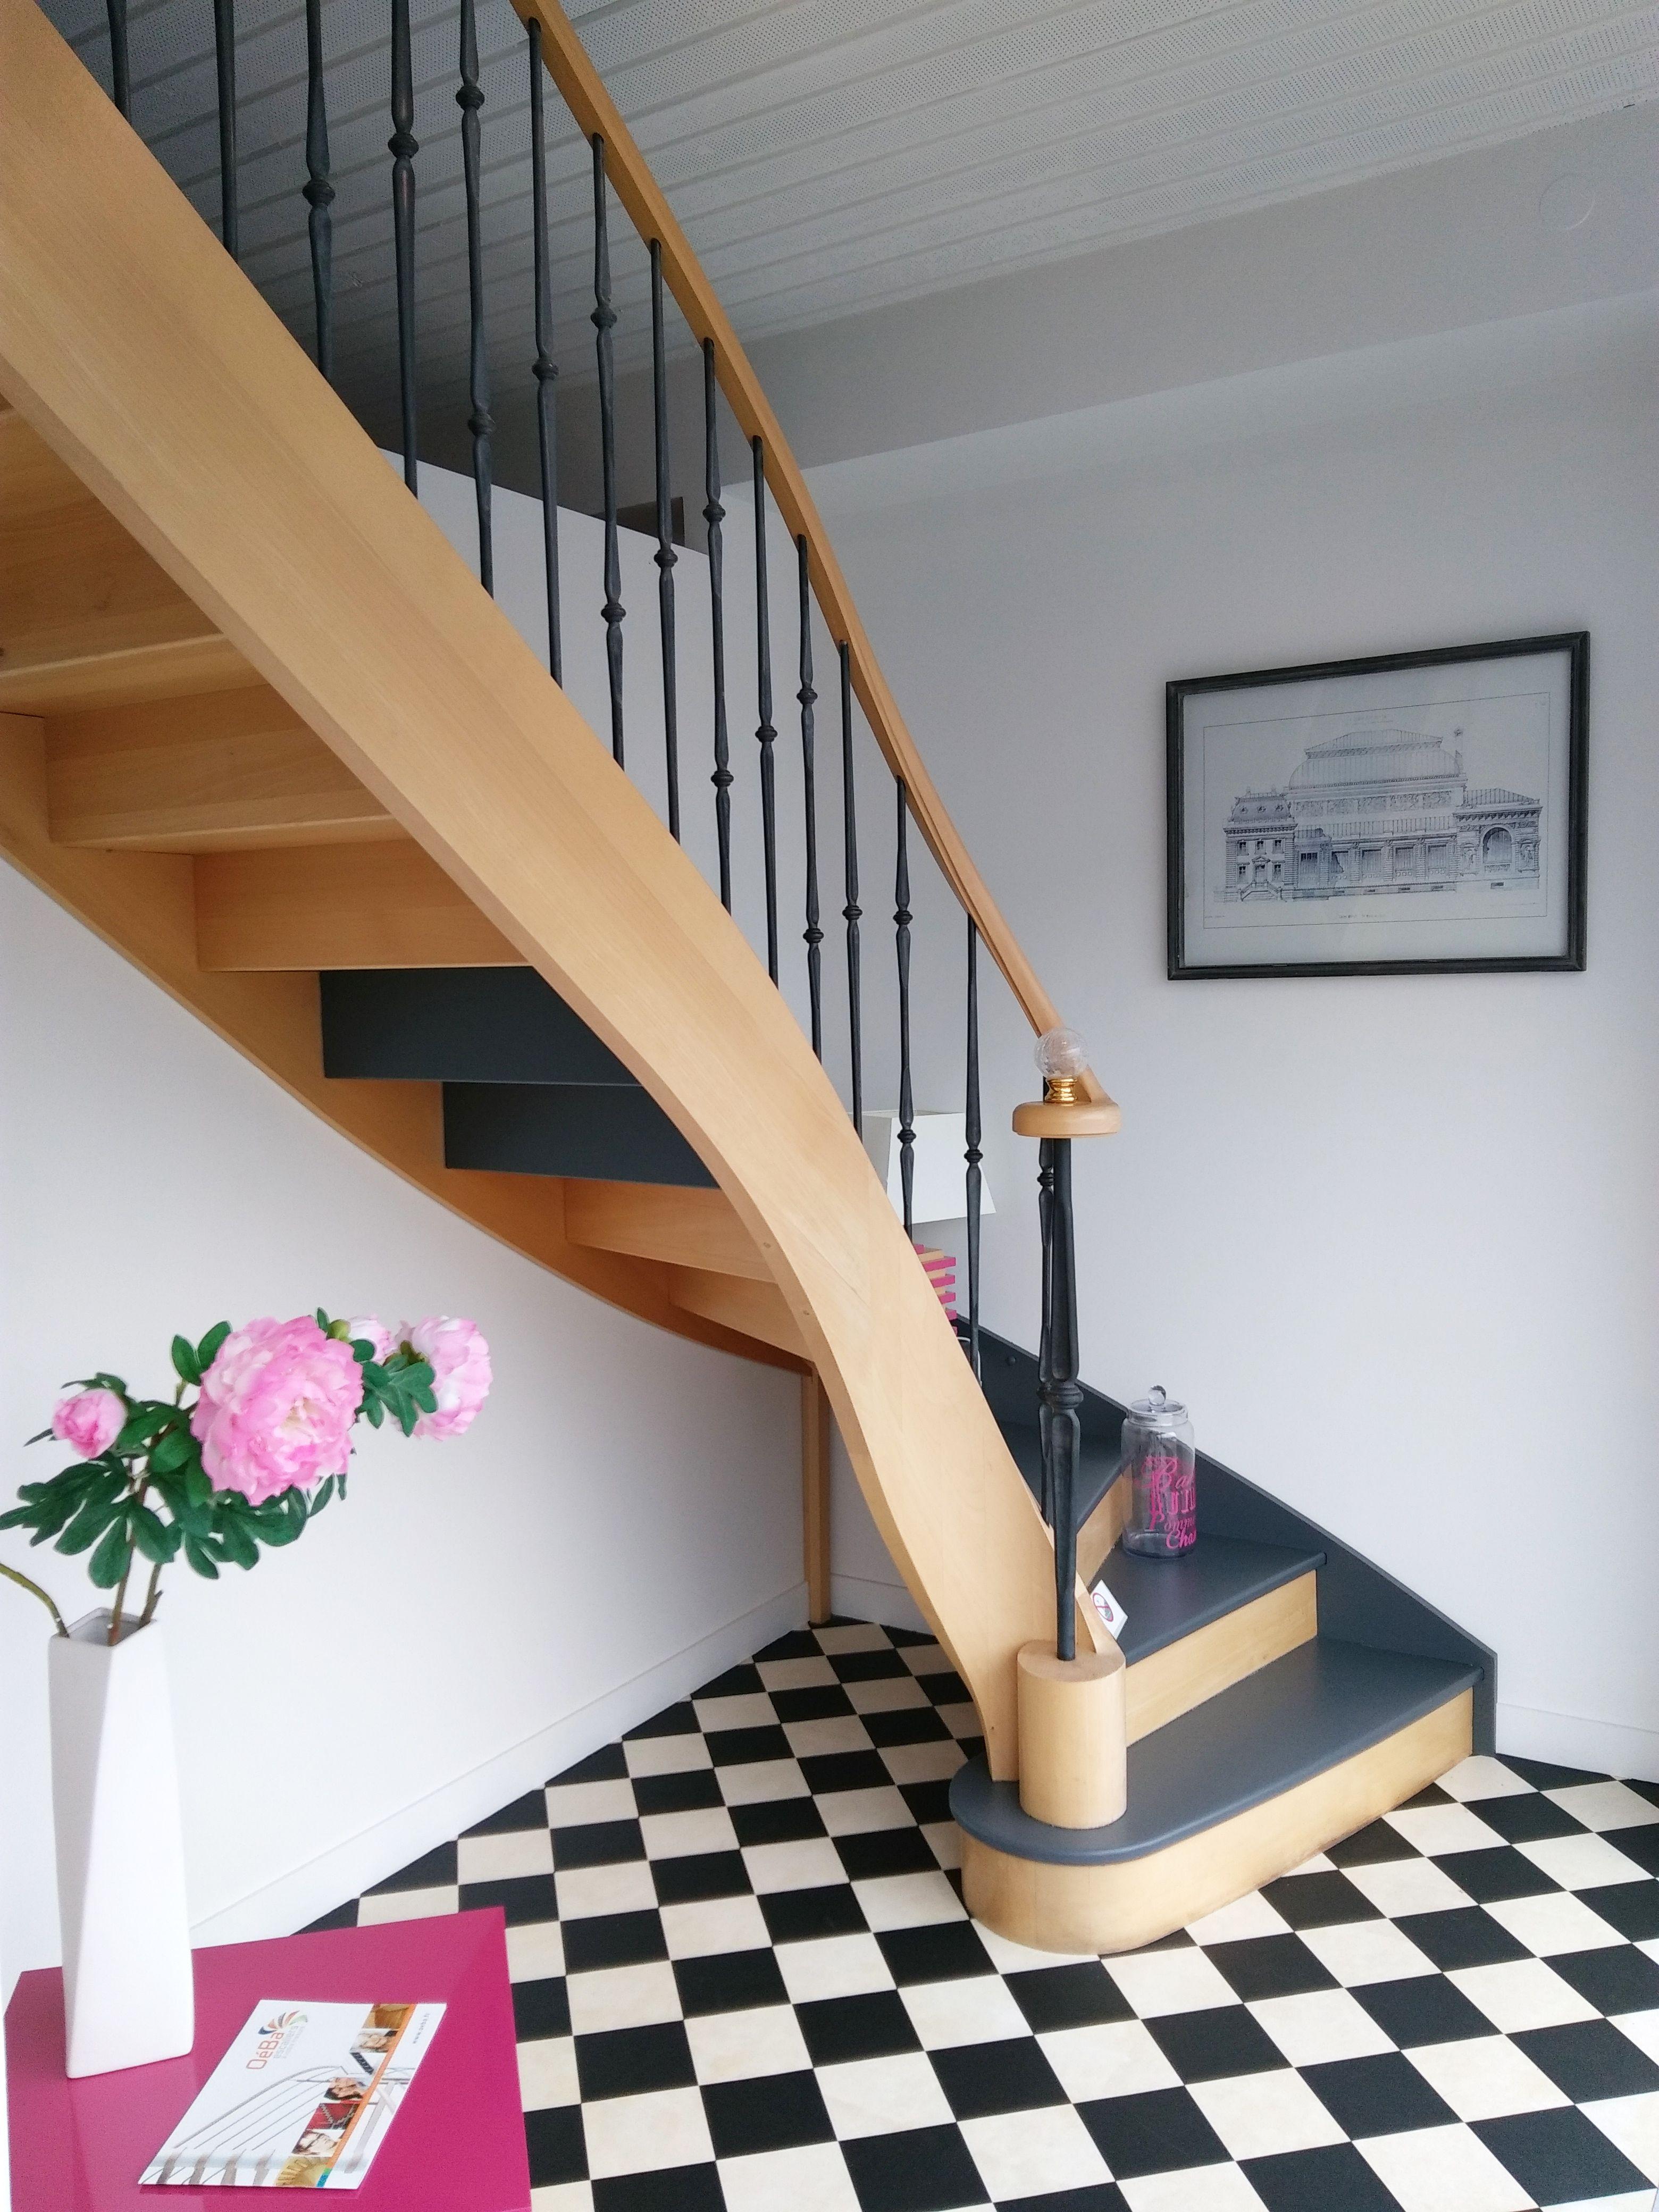 Peindre Un Escalier En Gris cours de menuiserie - jeudi 9 avril 2020 | escalier bois